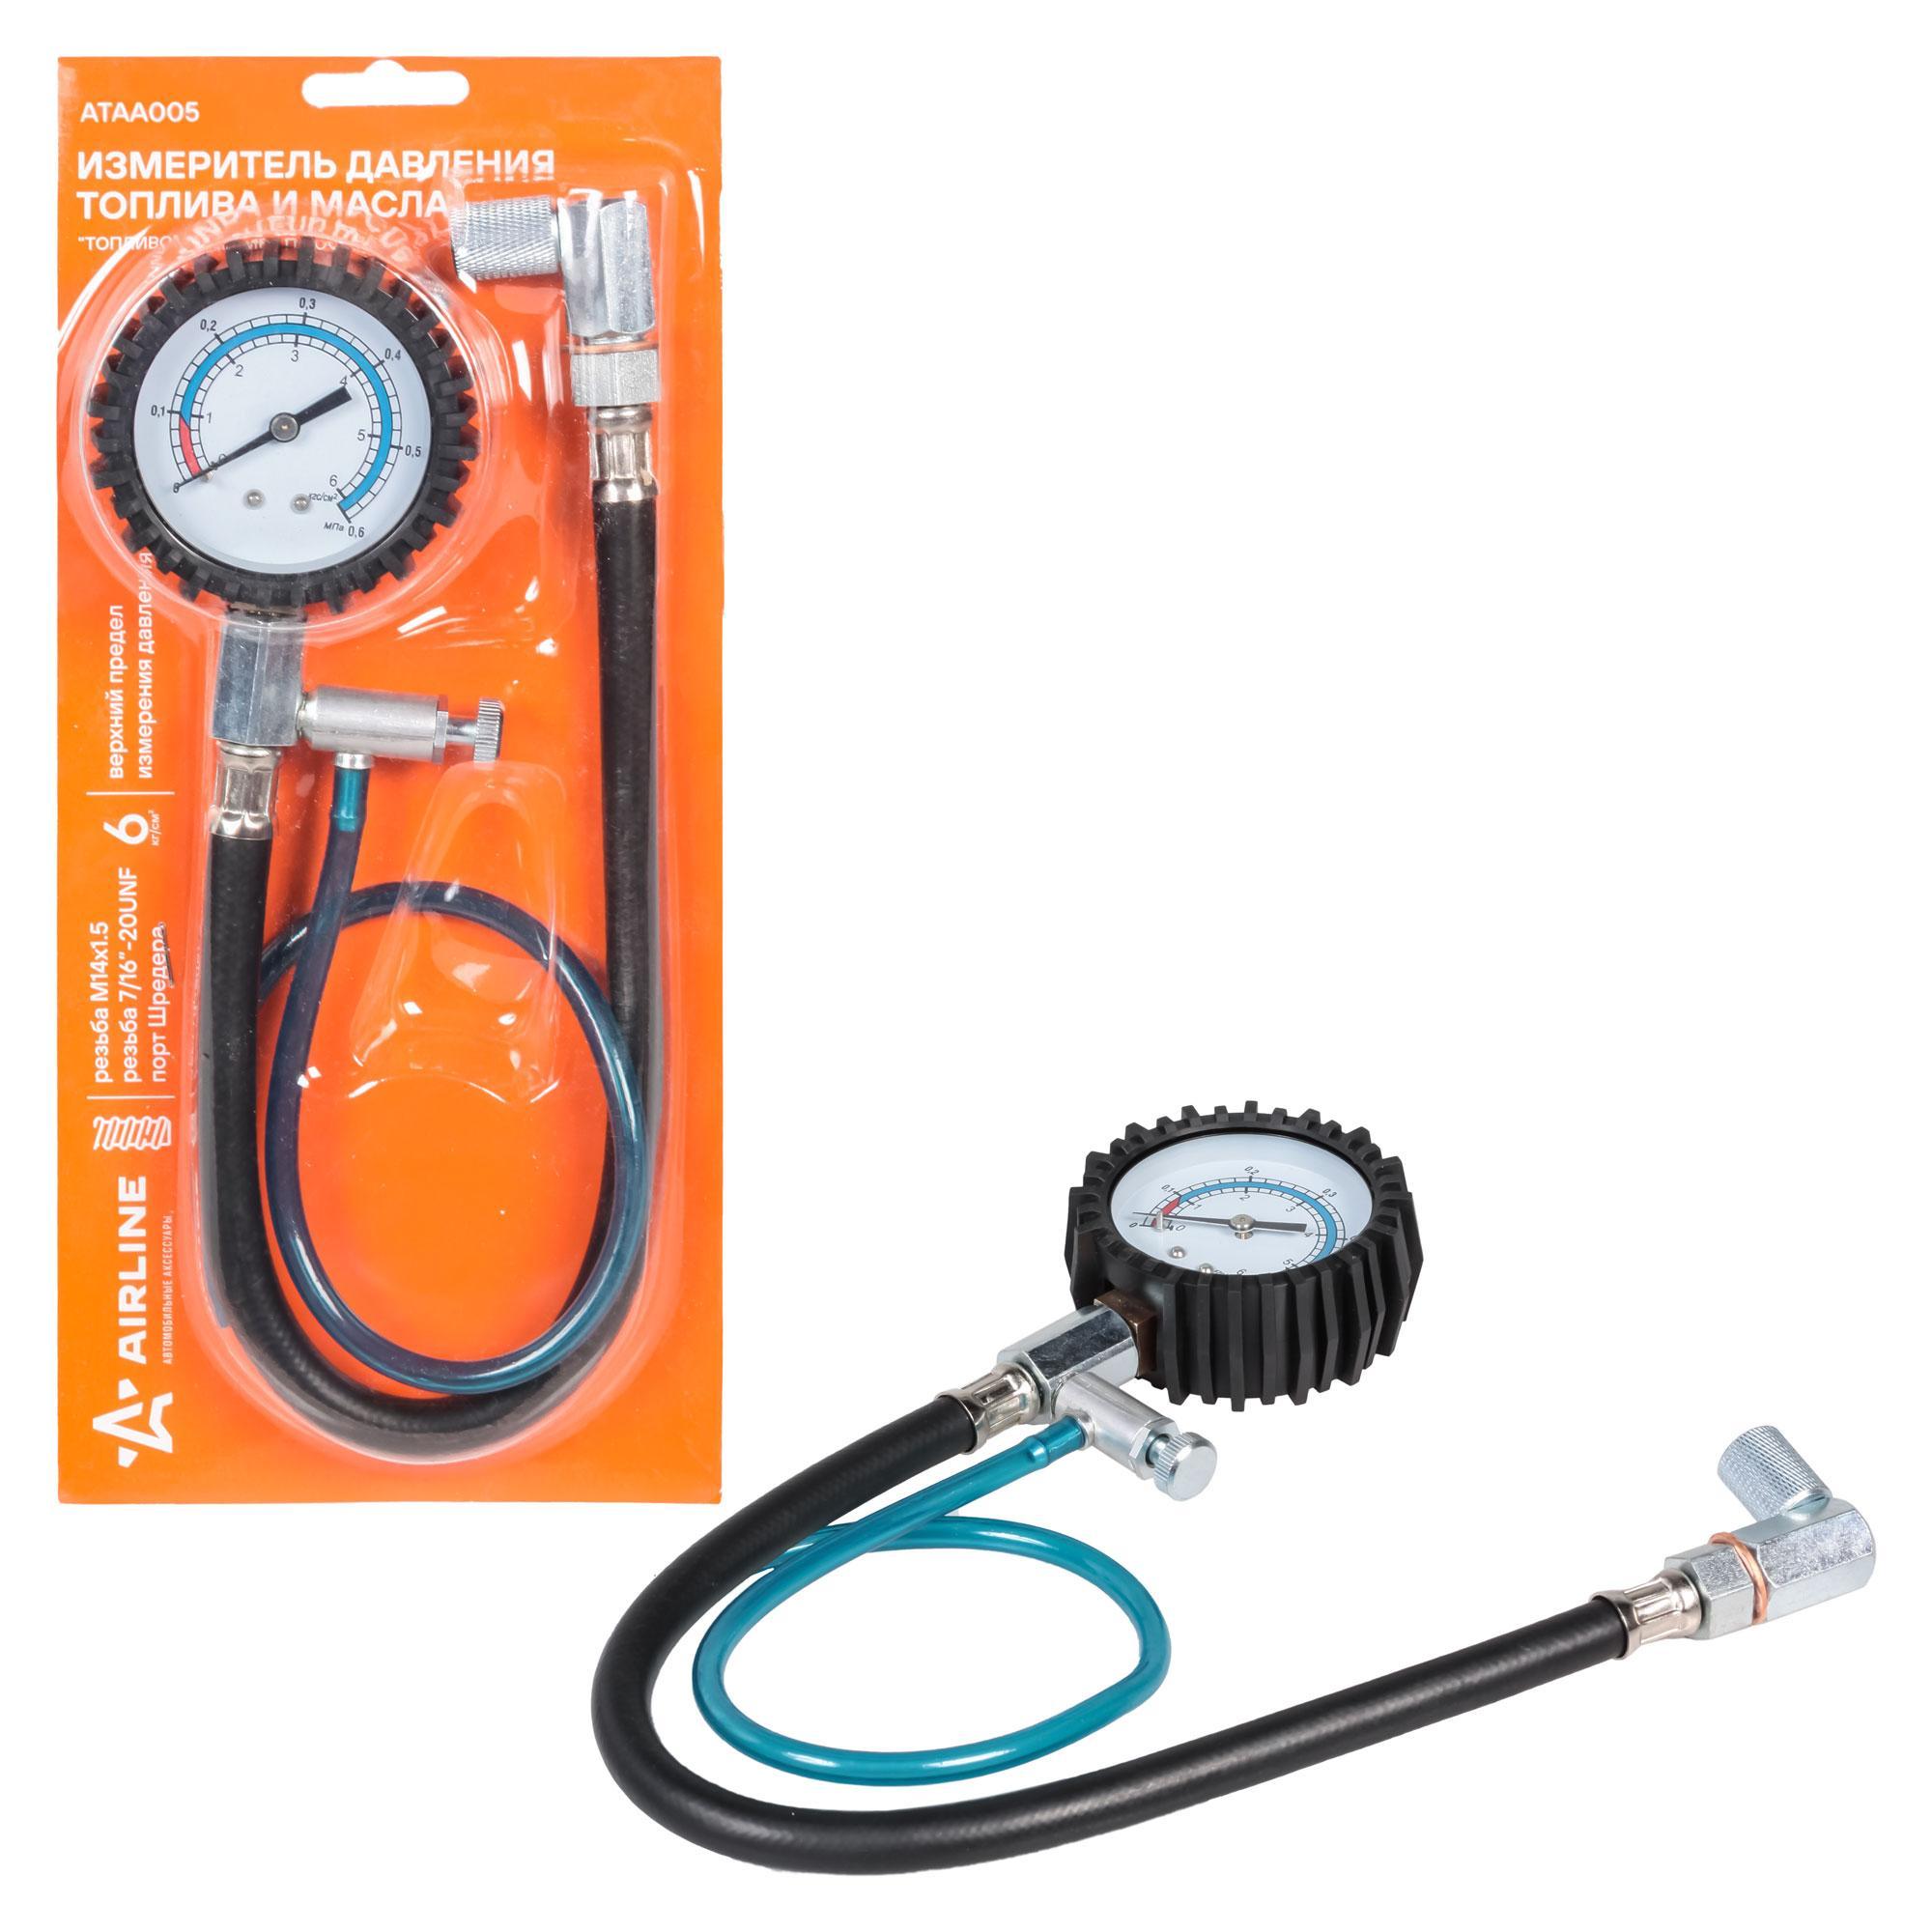 Измеритель давления топлива и масла AIRLINE ATAA005